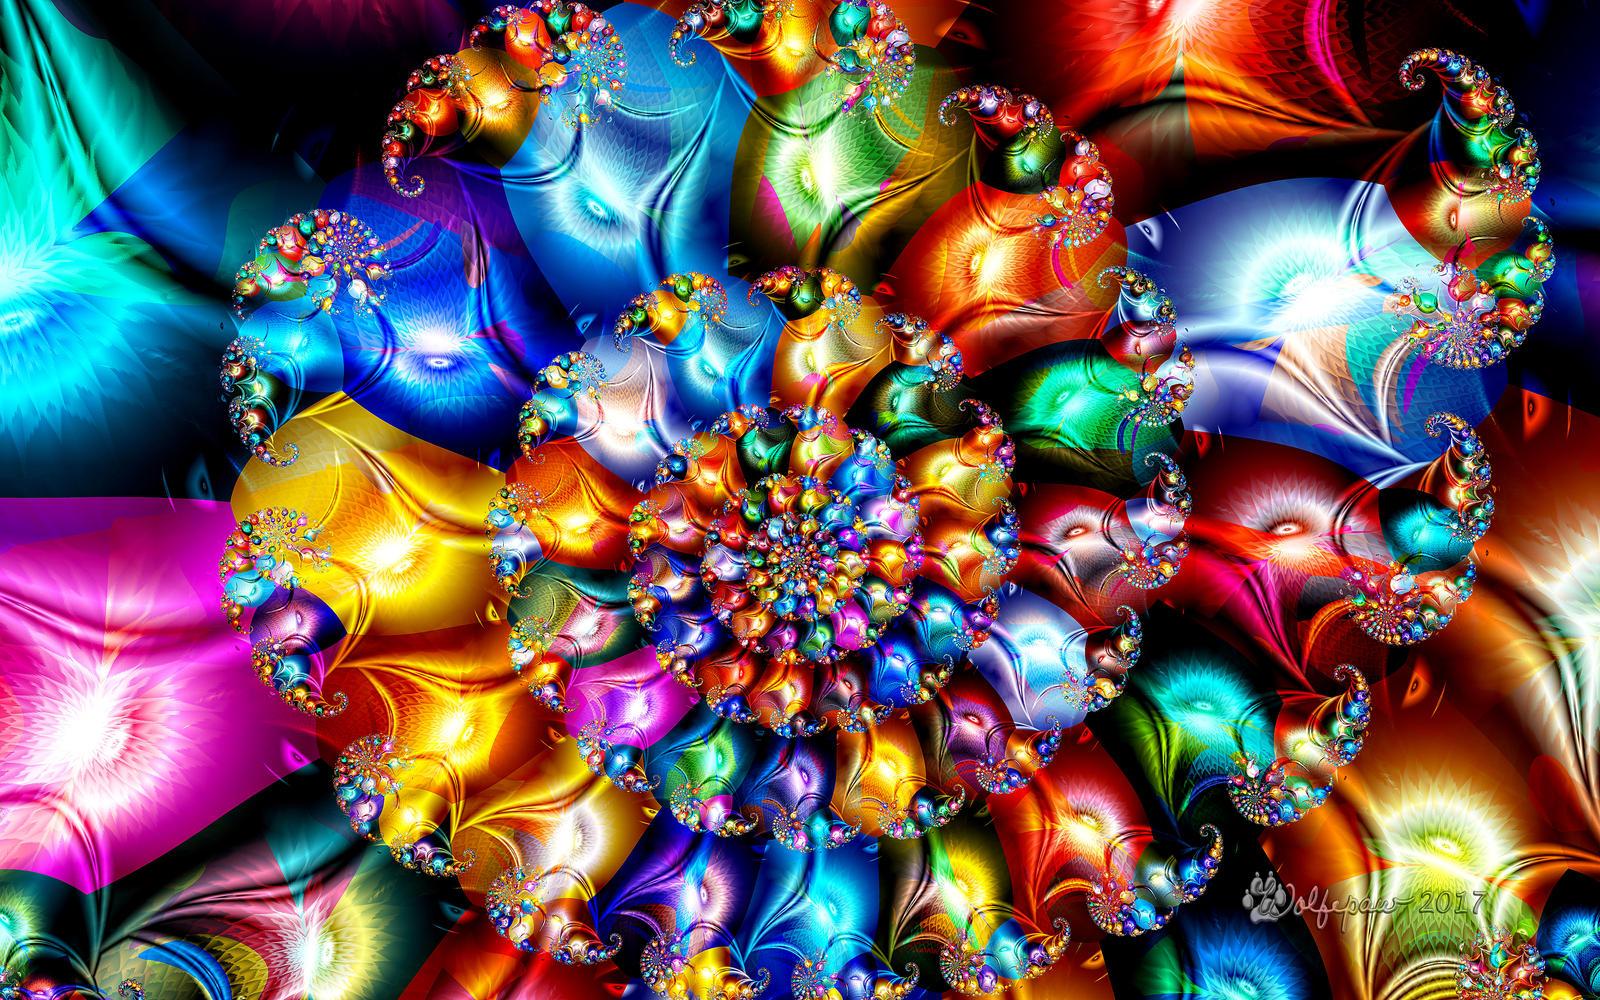 Shiny Jewel Spiral by wolfepaw